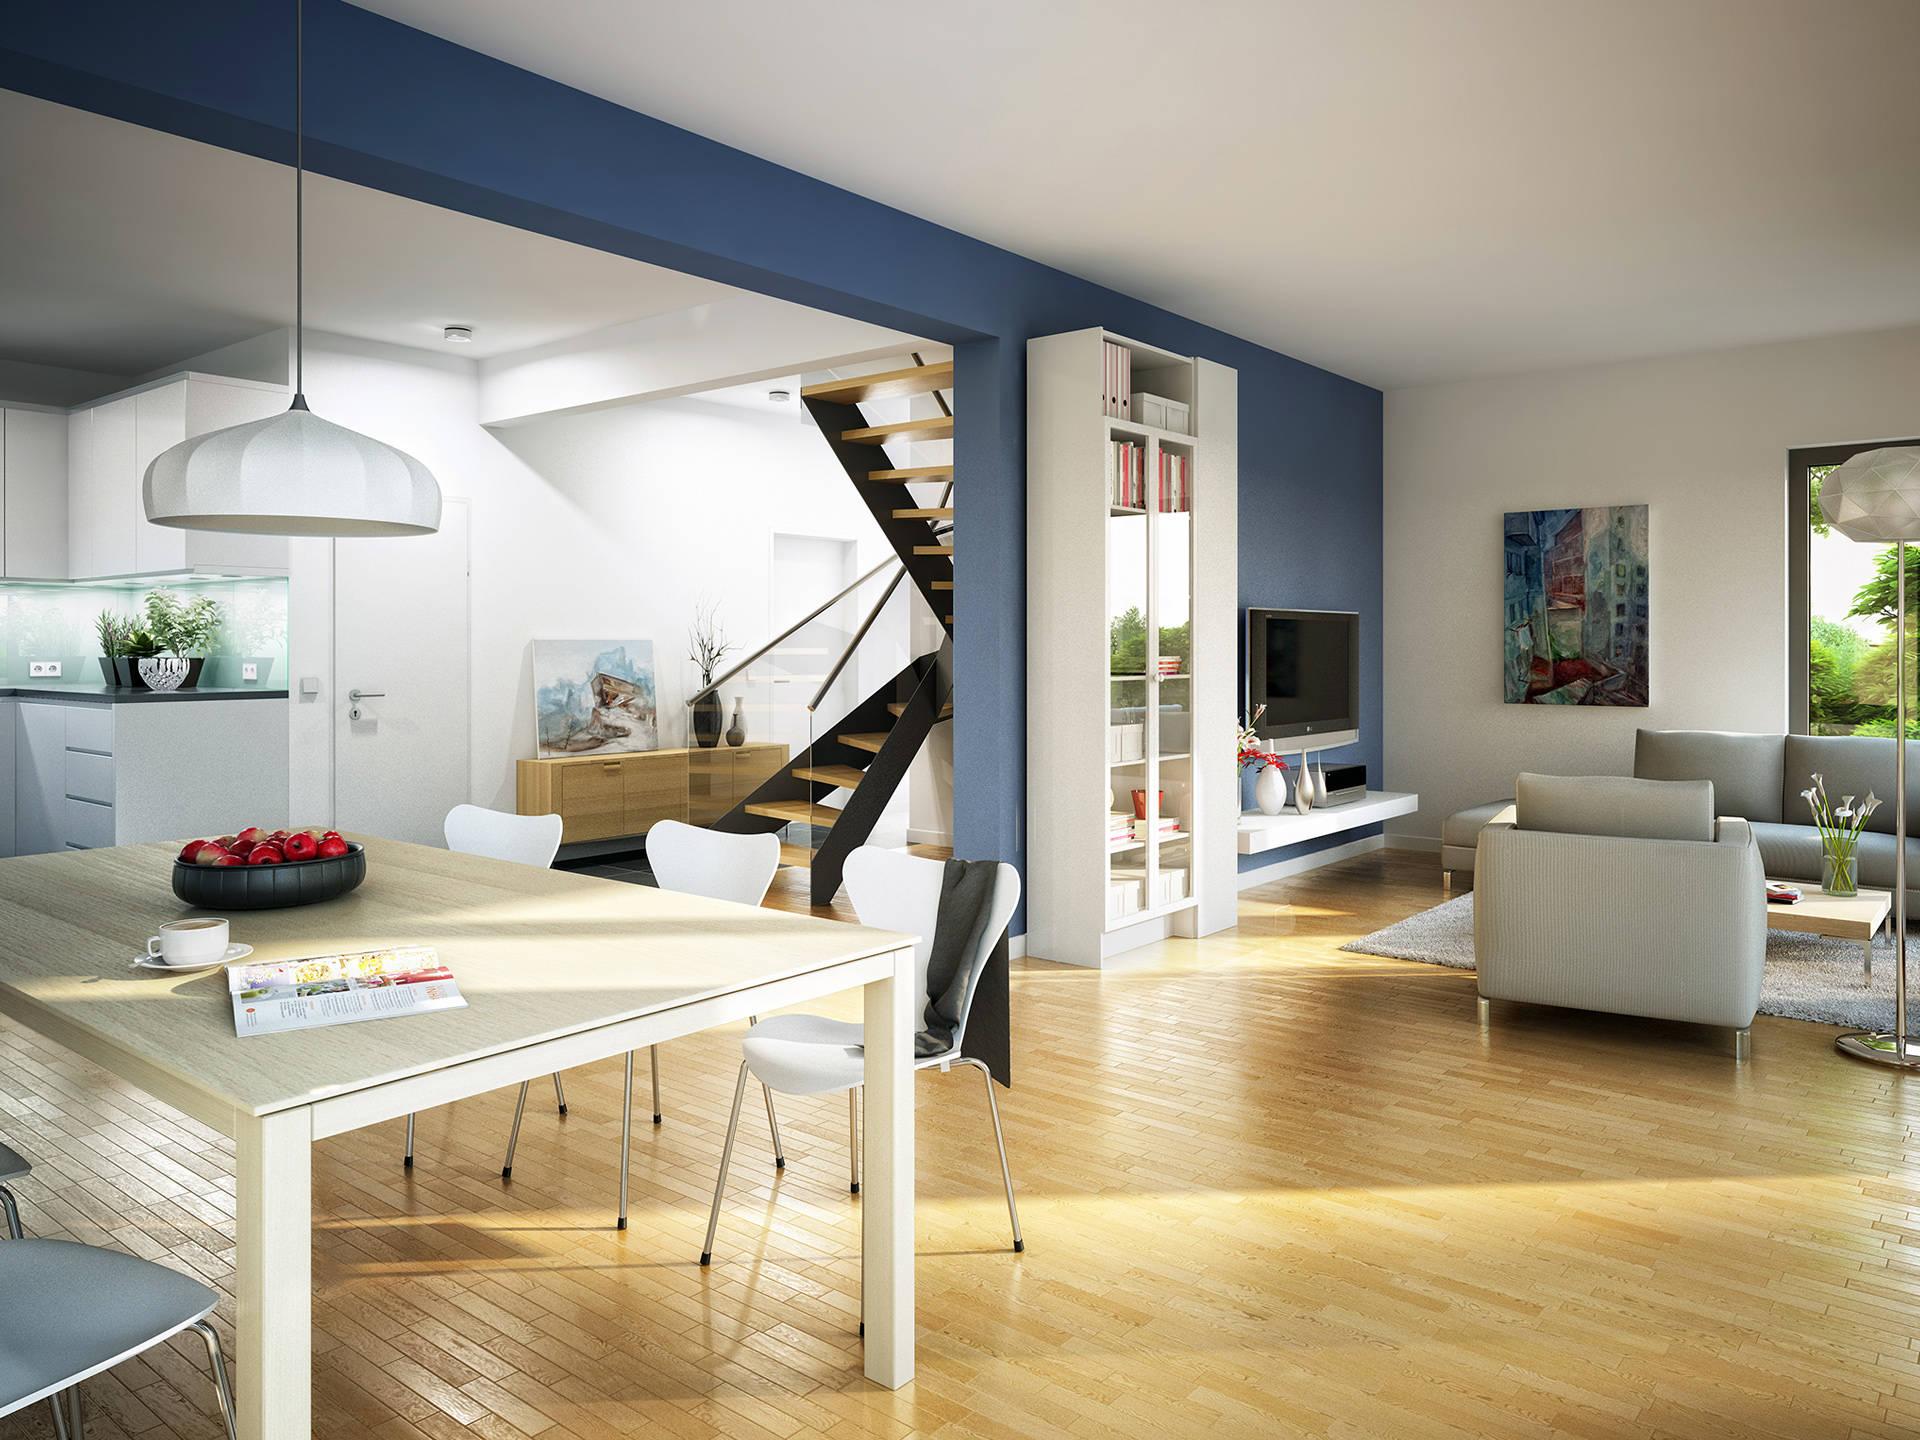 Deckenbeleuchtung wohnzimmer for Einfamilienhaus innenansicht